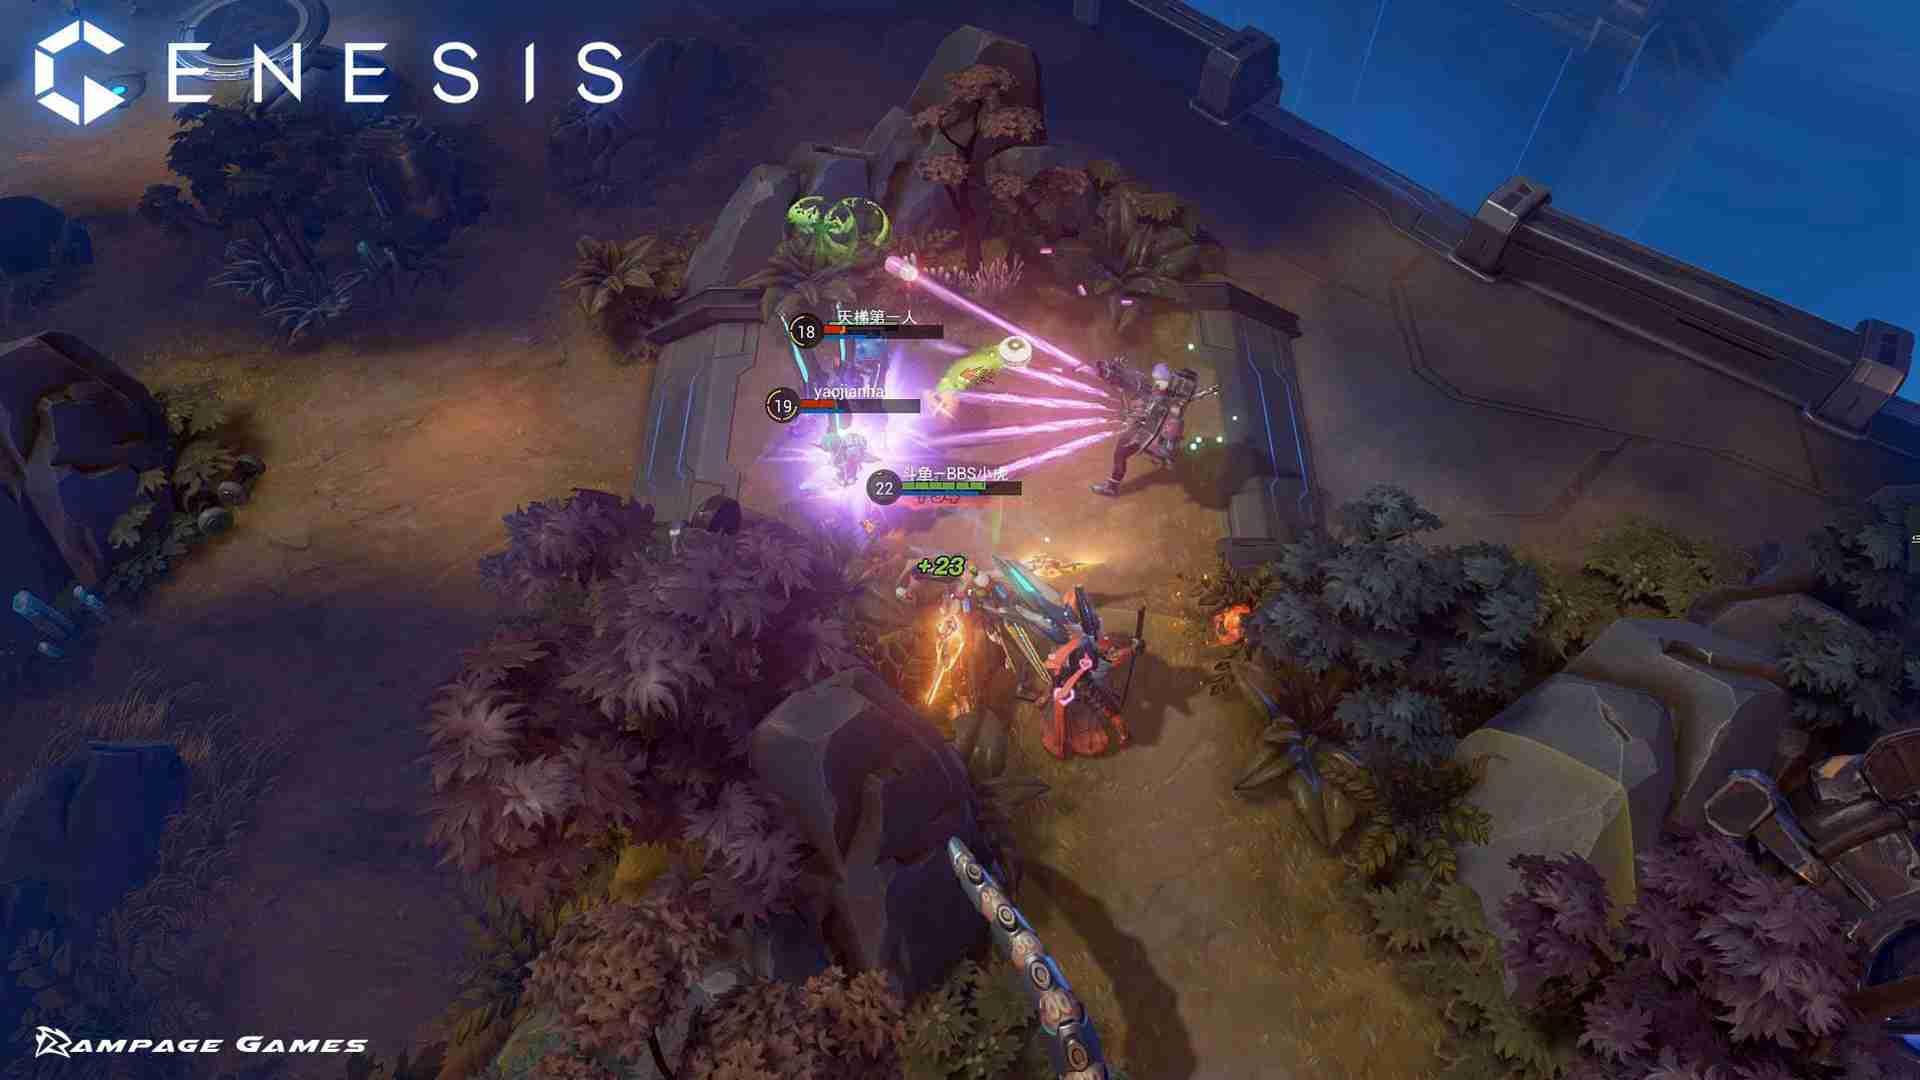 Genesis圖片